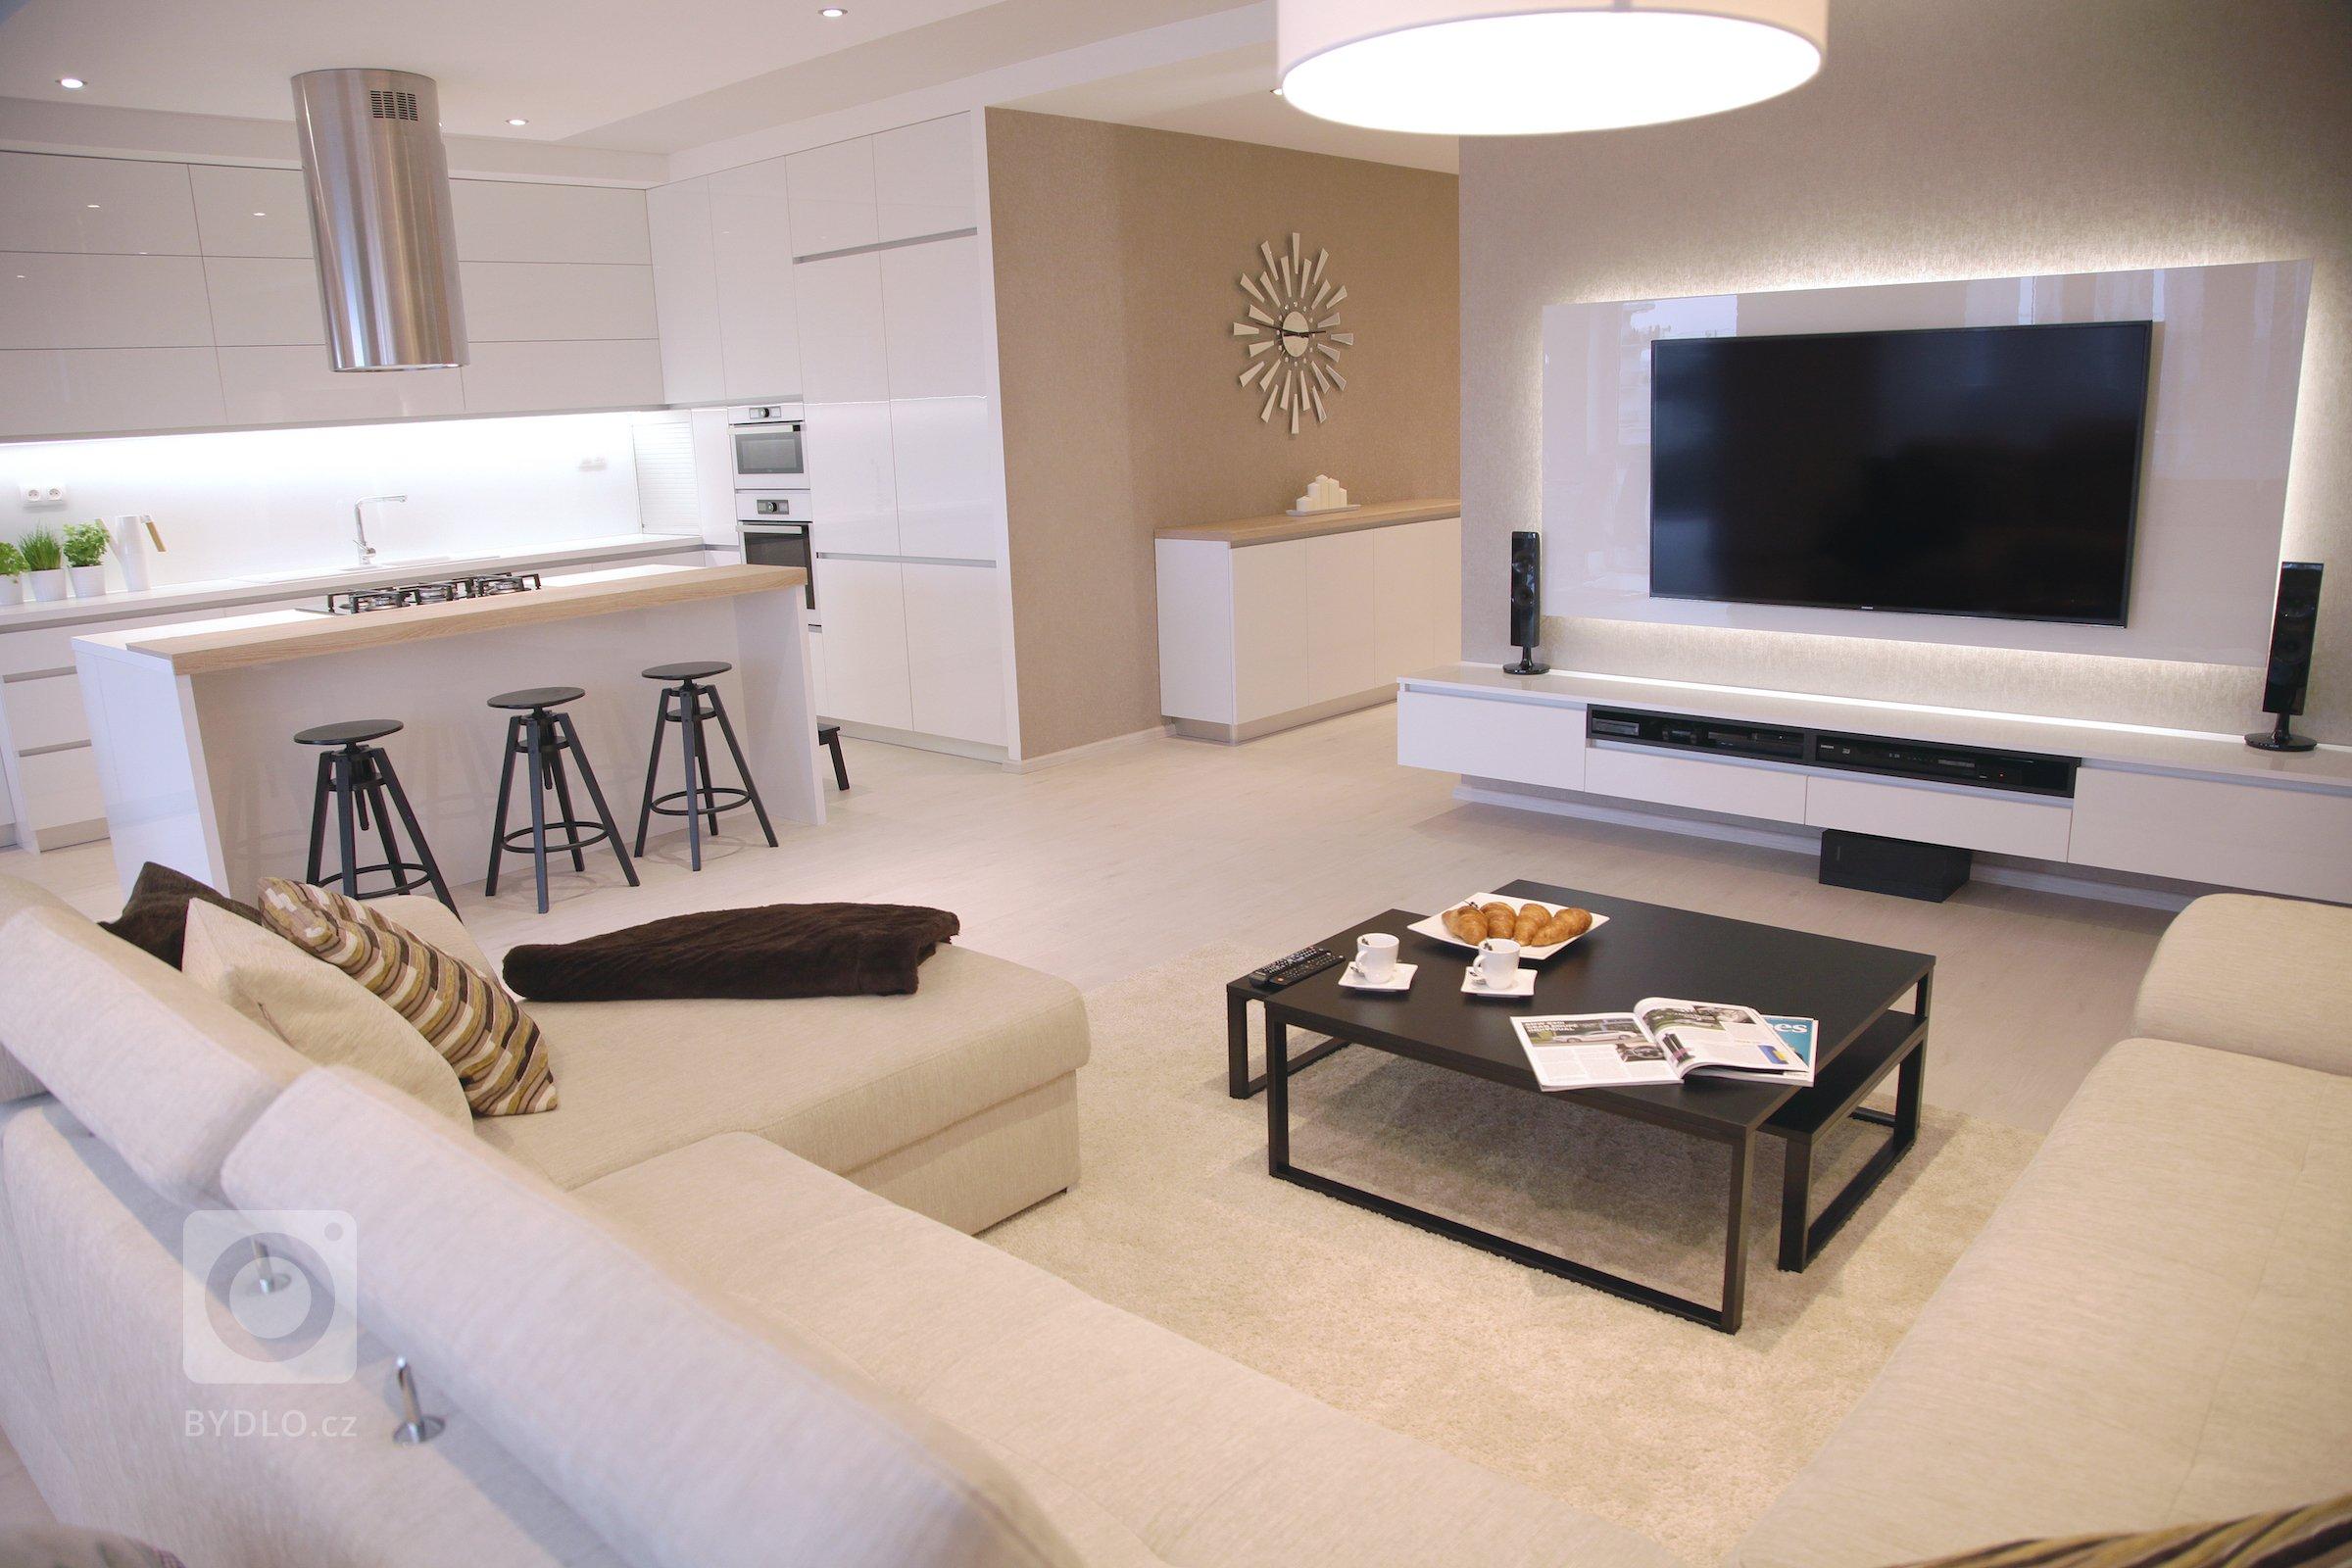 Interiér tohoto prostorného bytu v Bratislavě dýchá elegancí. Při tvorbě konceptu jsme velmi citlivě volili tonalitu barev a dbali na tvarovou a hmotovou…